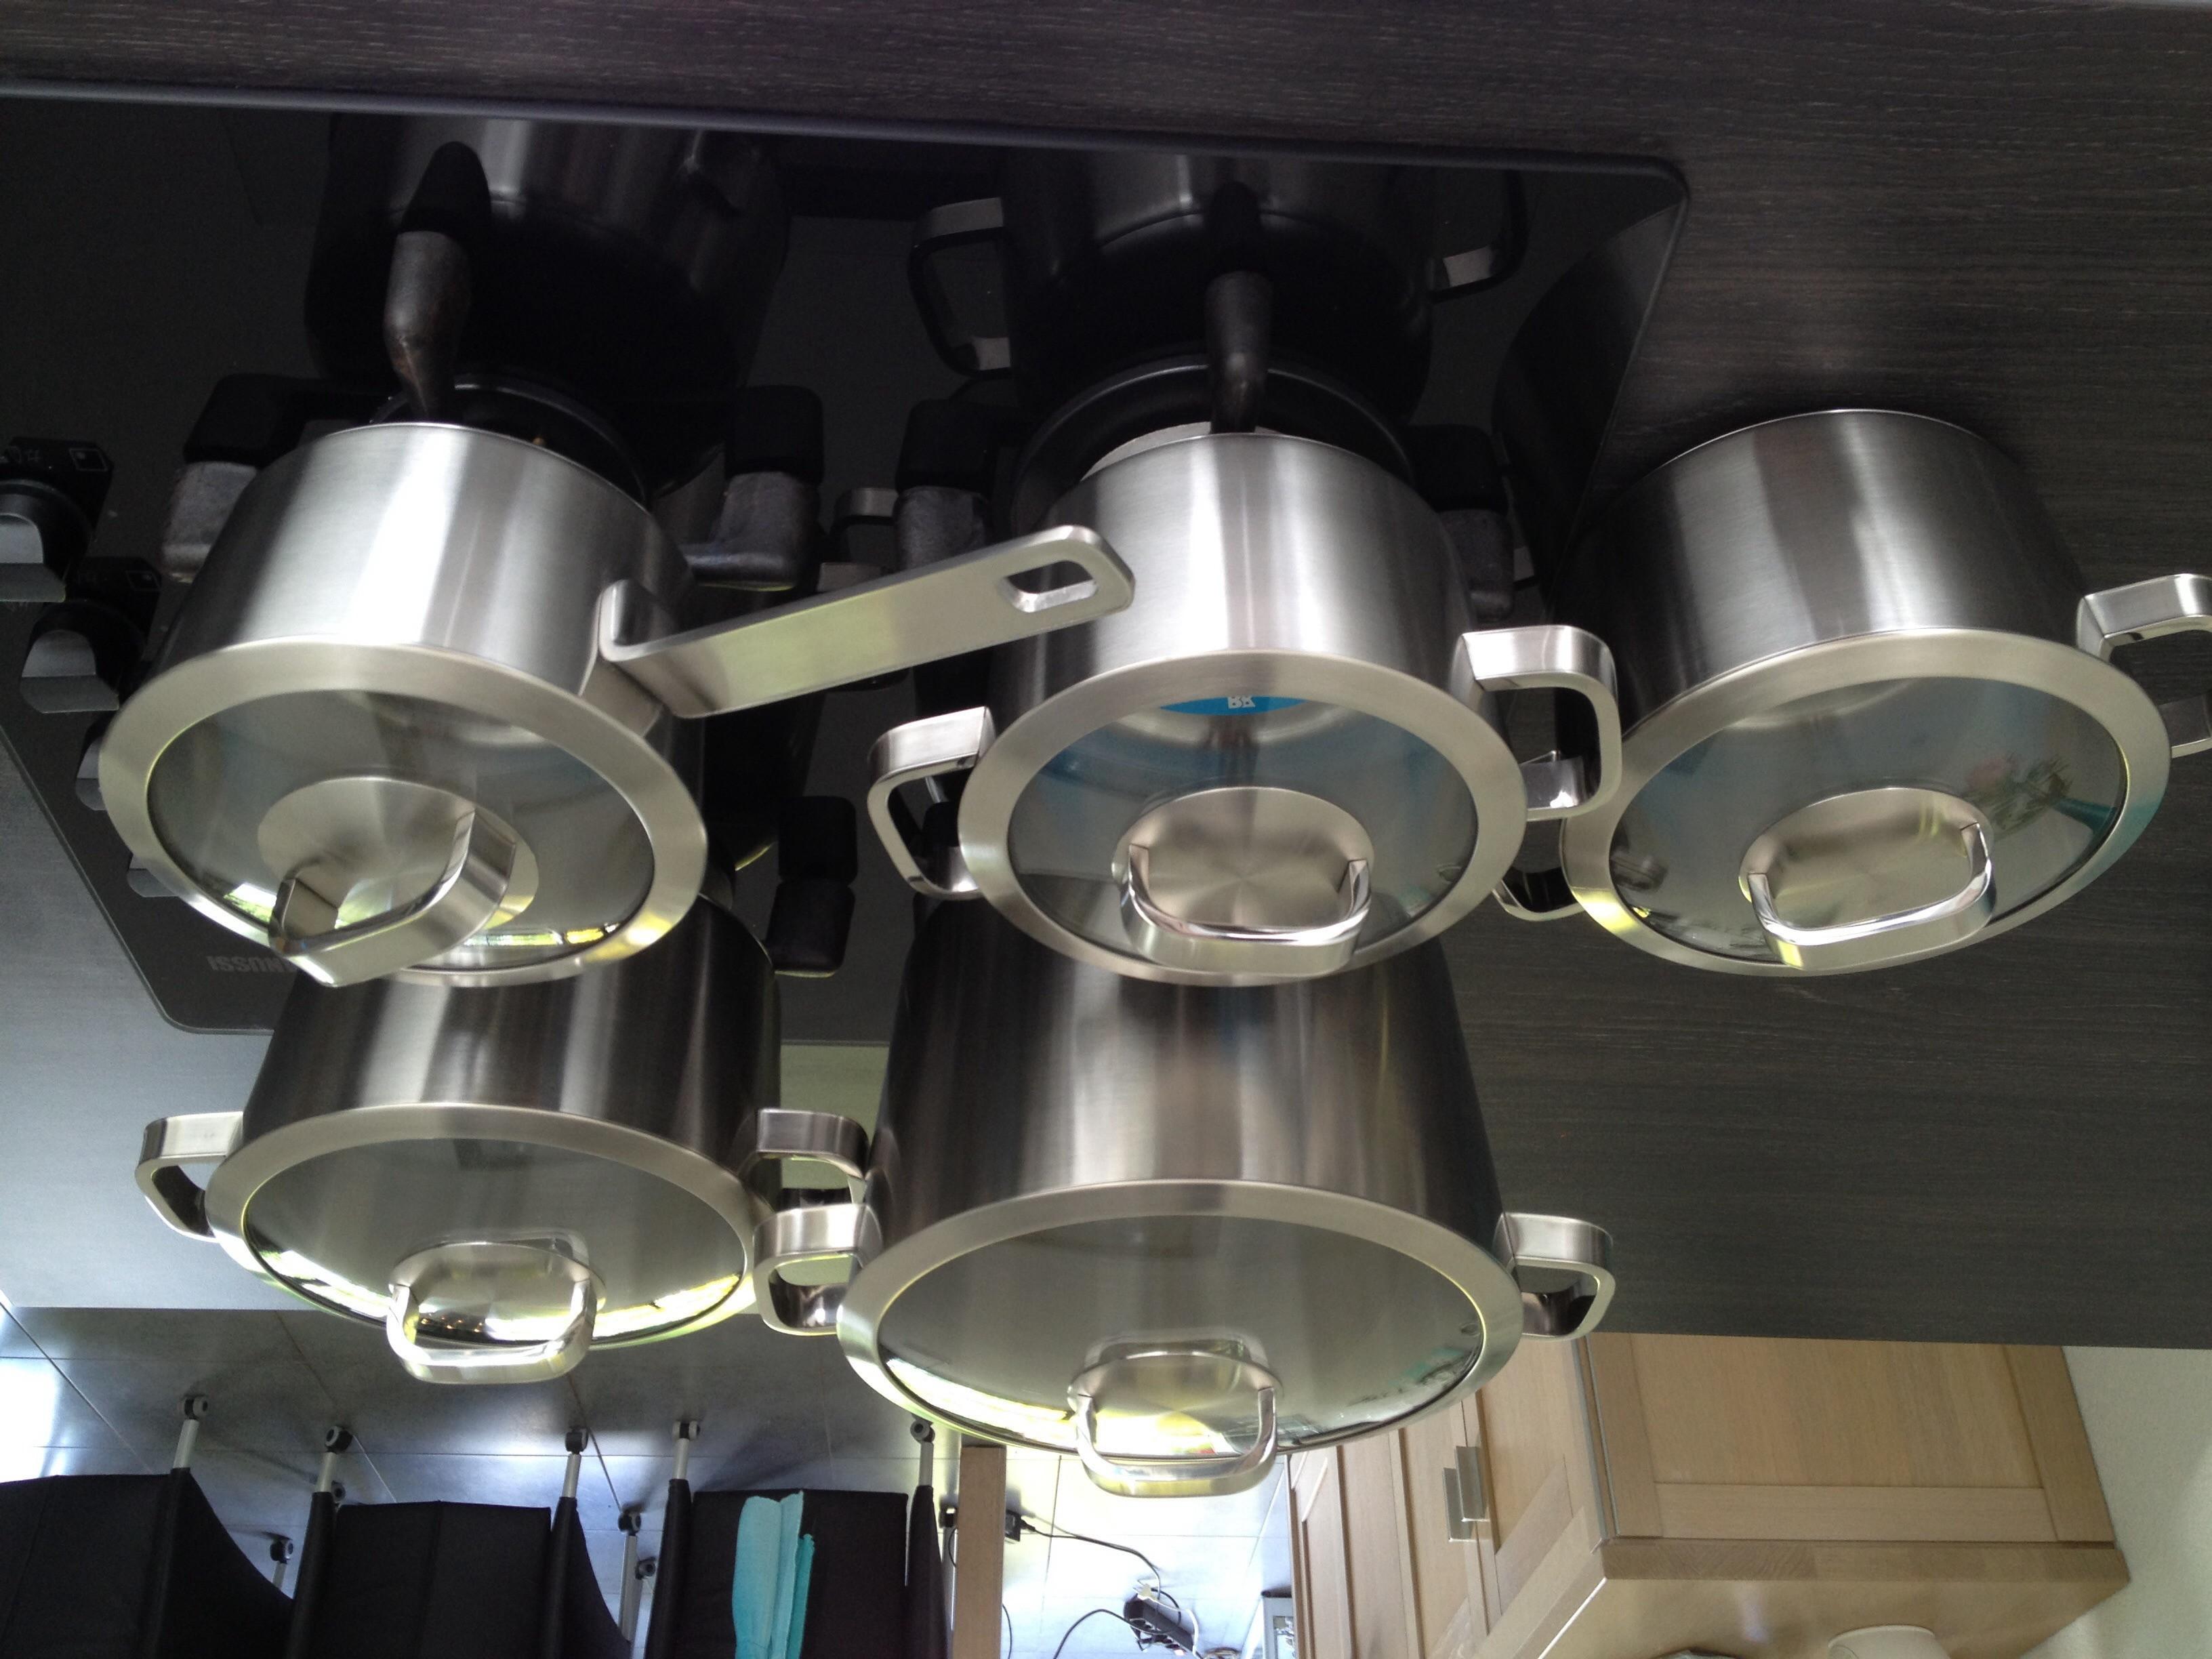 BK Conical Glas Pannenset 5-delig